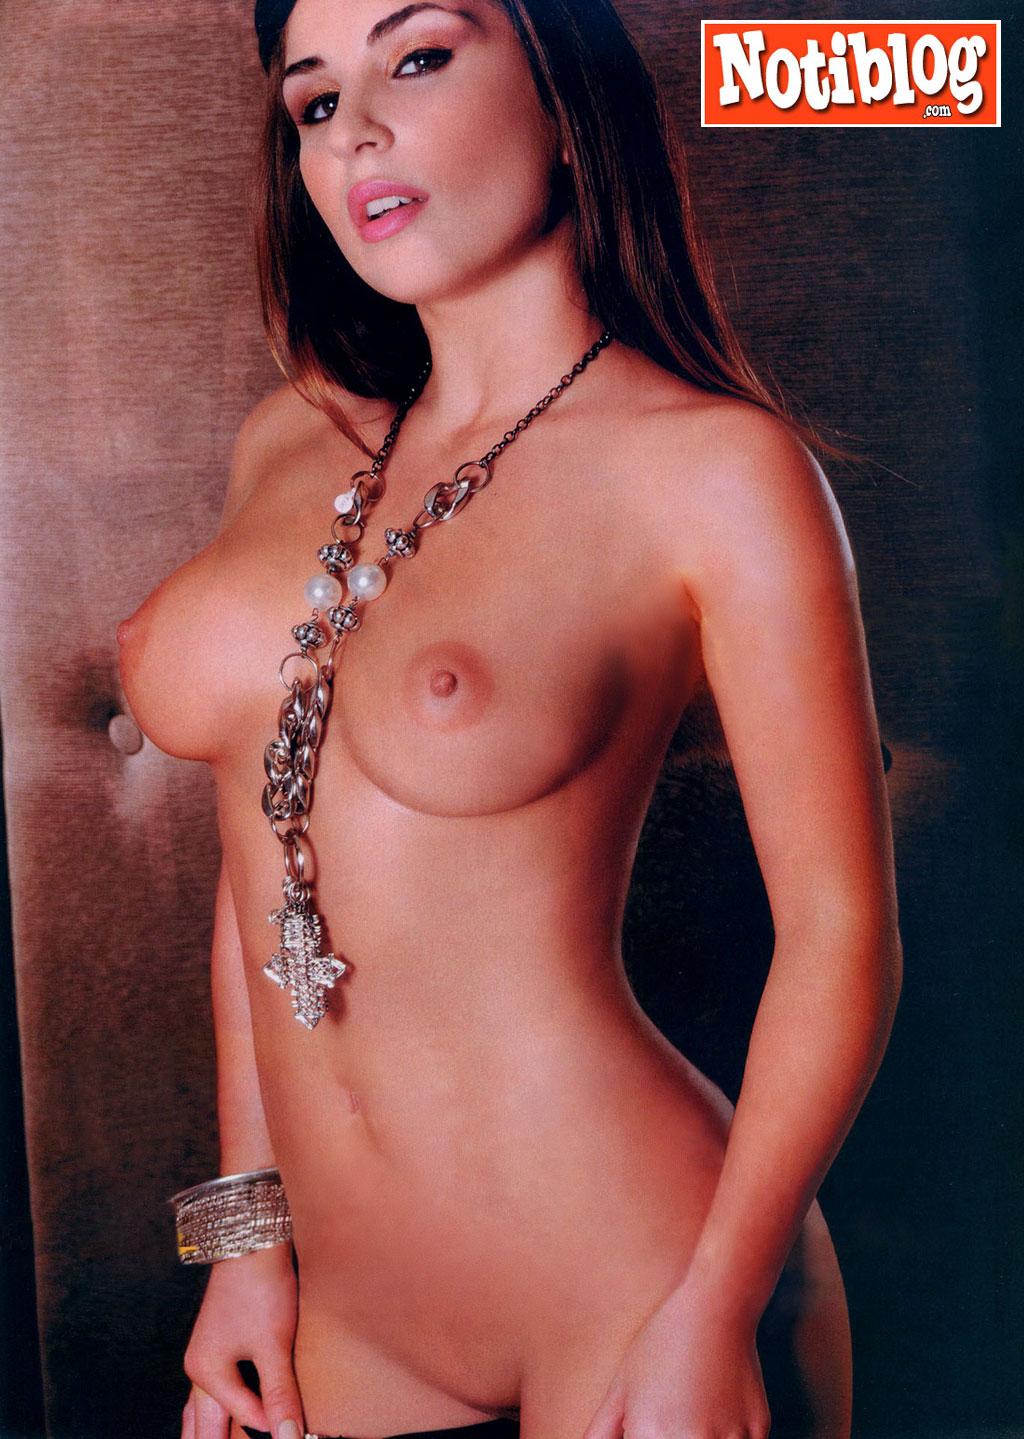 девочка ней новые эротические фотографий софия ротару случае если